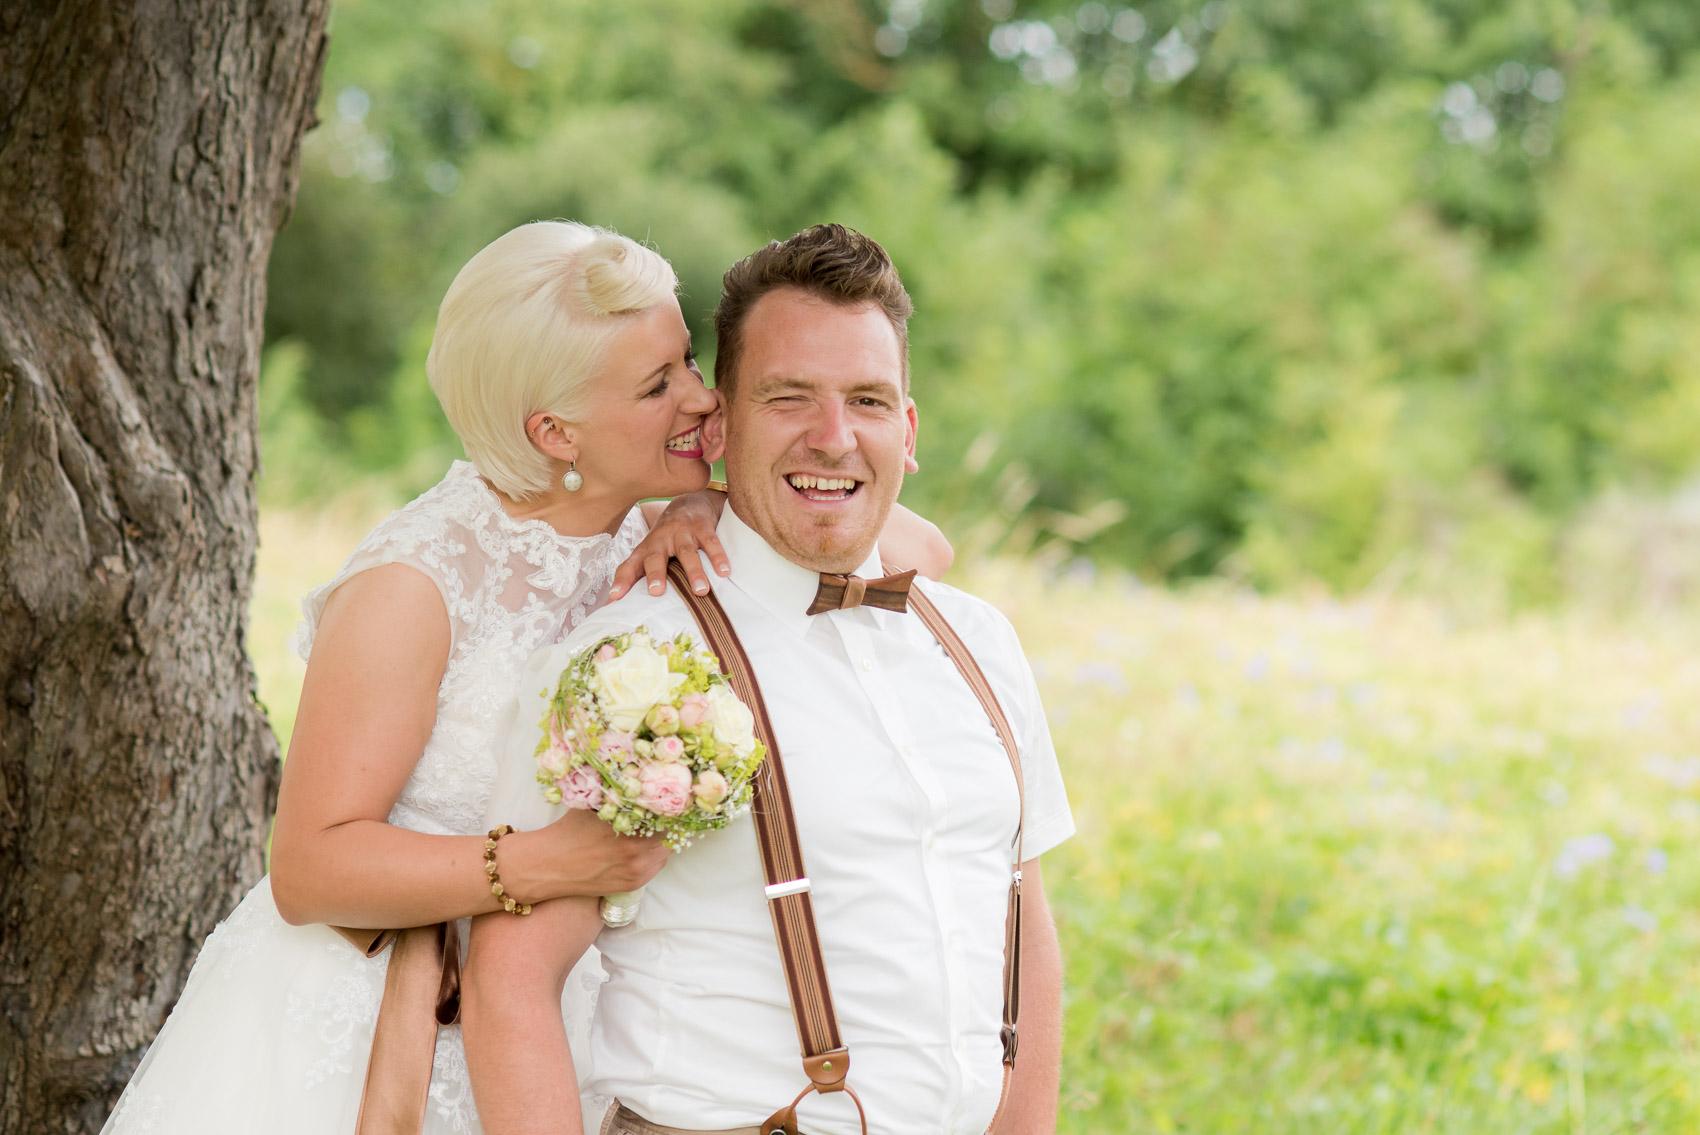 Hochzeit_Brautpaar_claudiaeckertfotografie-1